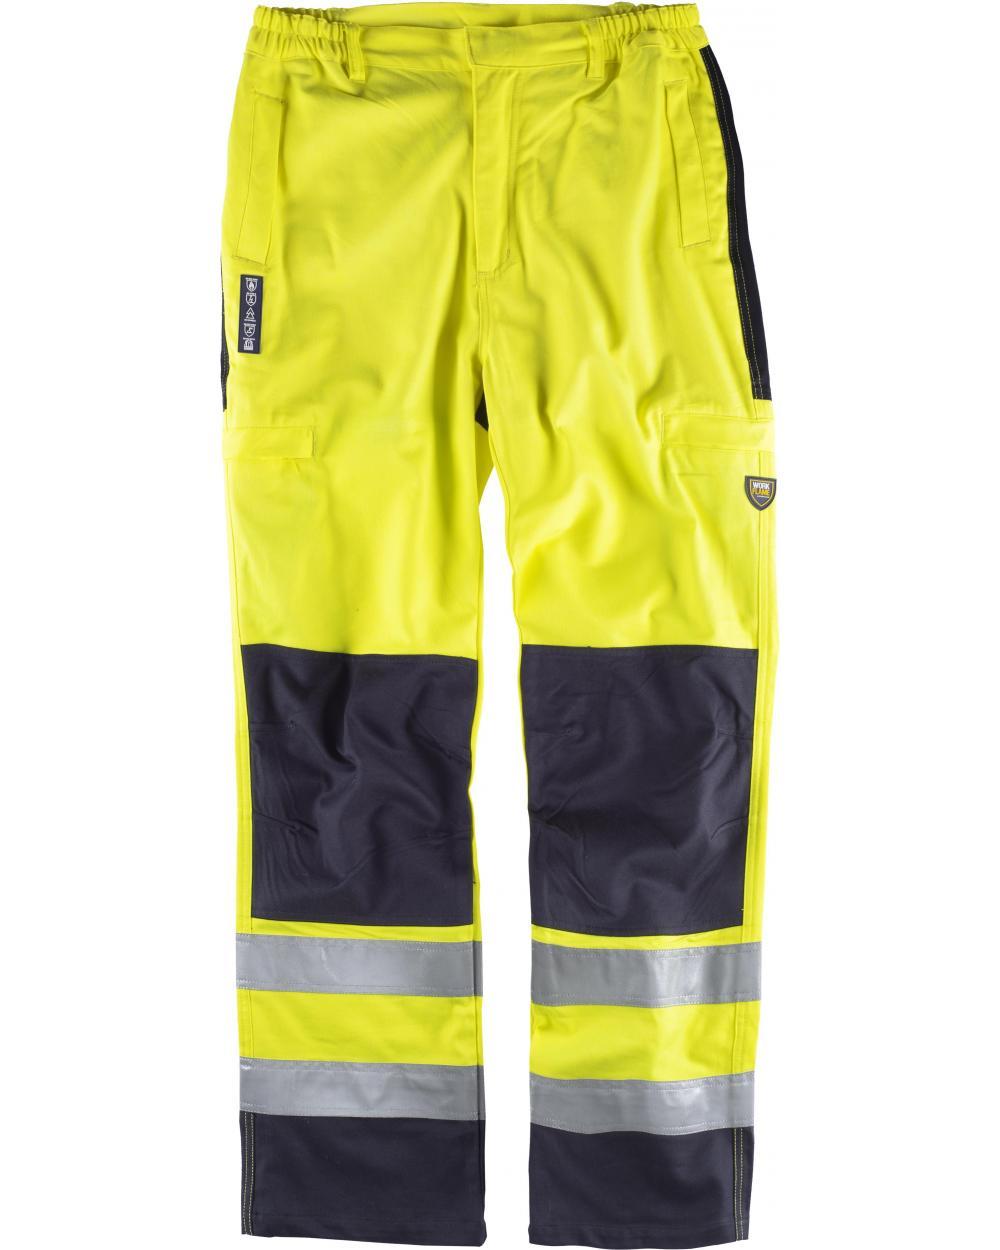 Comprar Pantalon ignifugo y antiestatico certificado B1492 Amarillo AV+Marino workteam delante